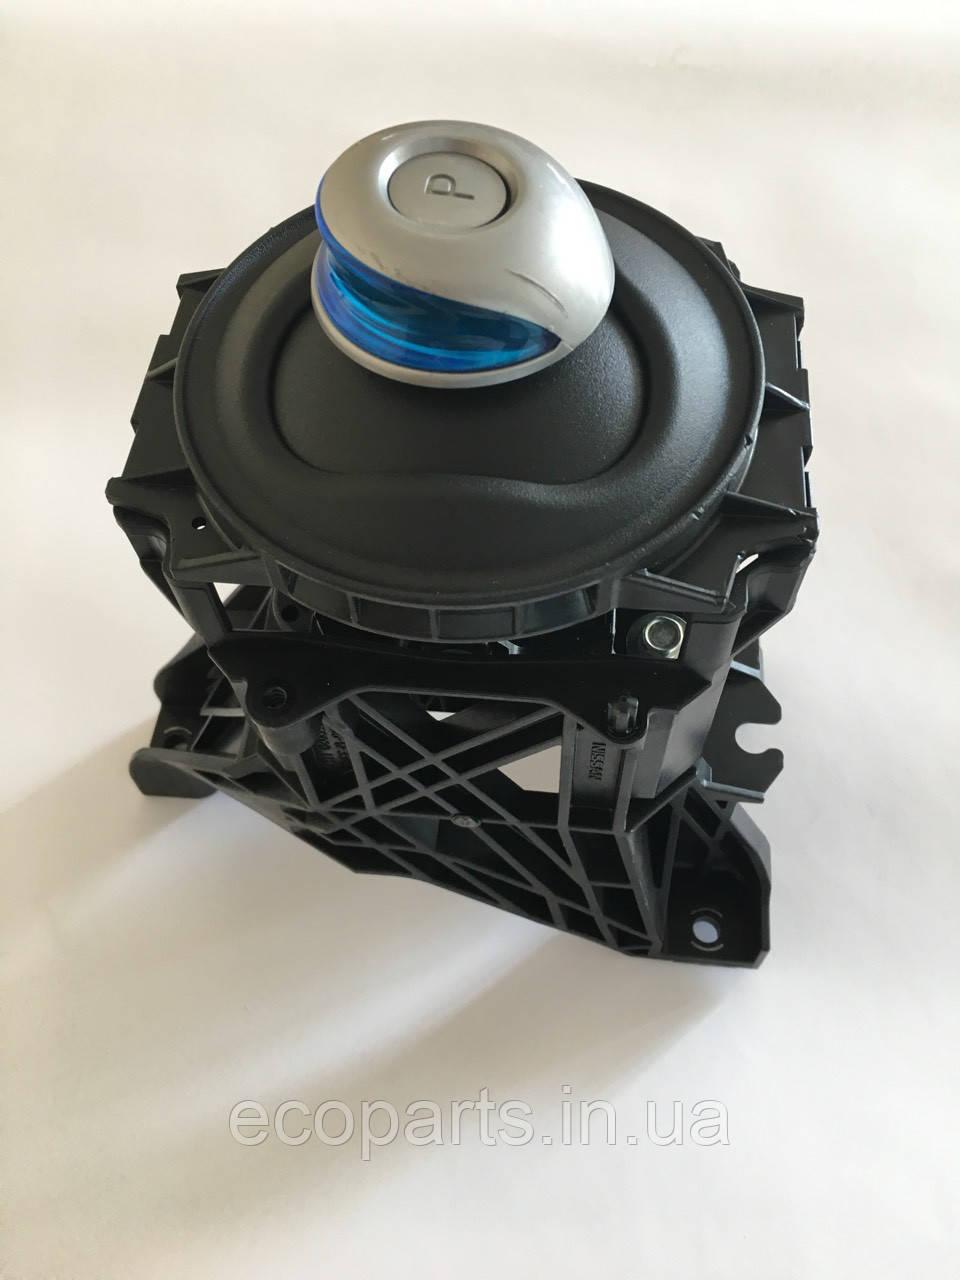 Селектор перемикання передач Nissan leaf